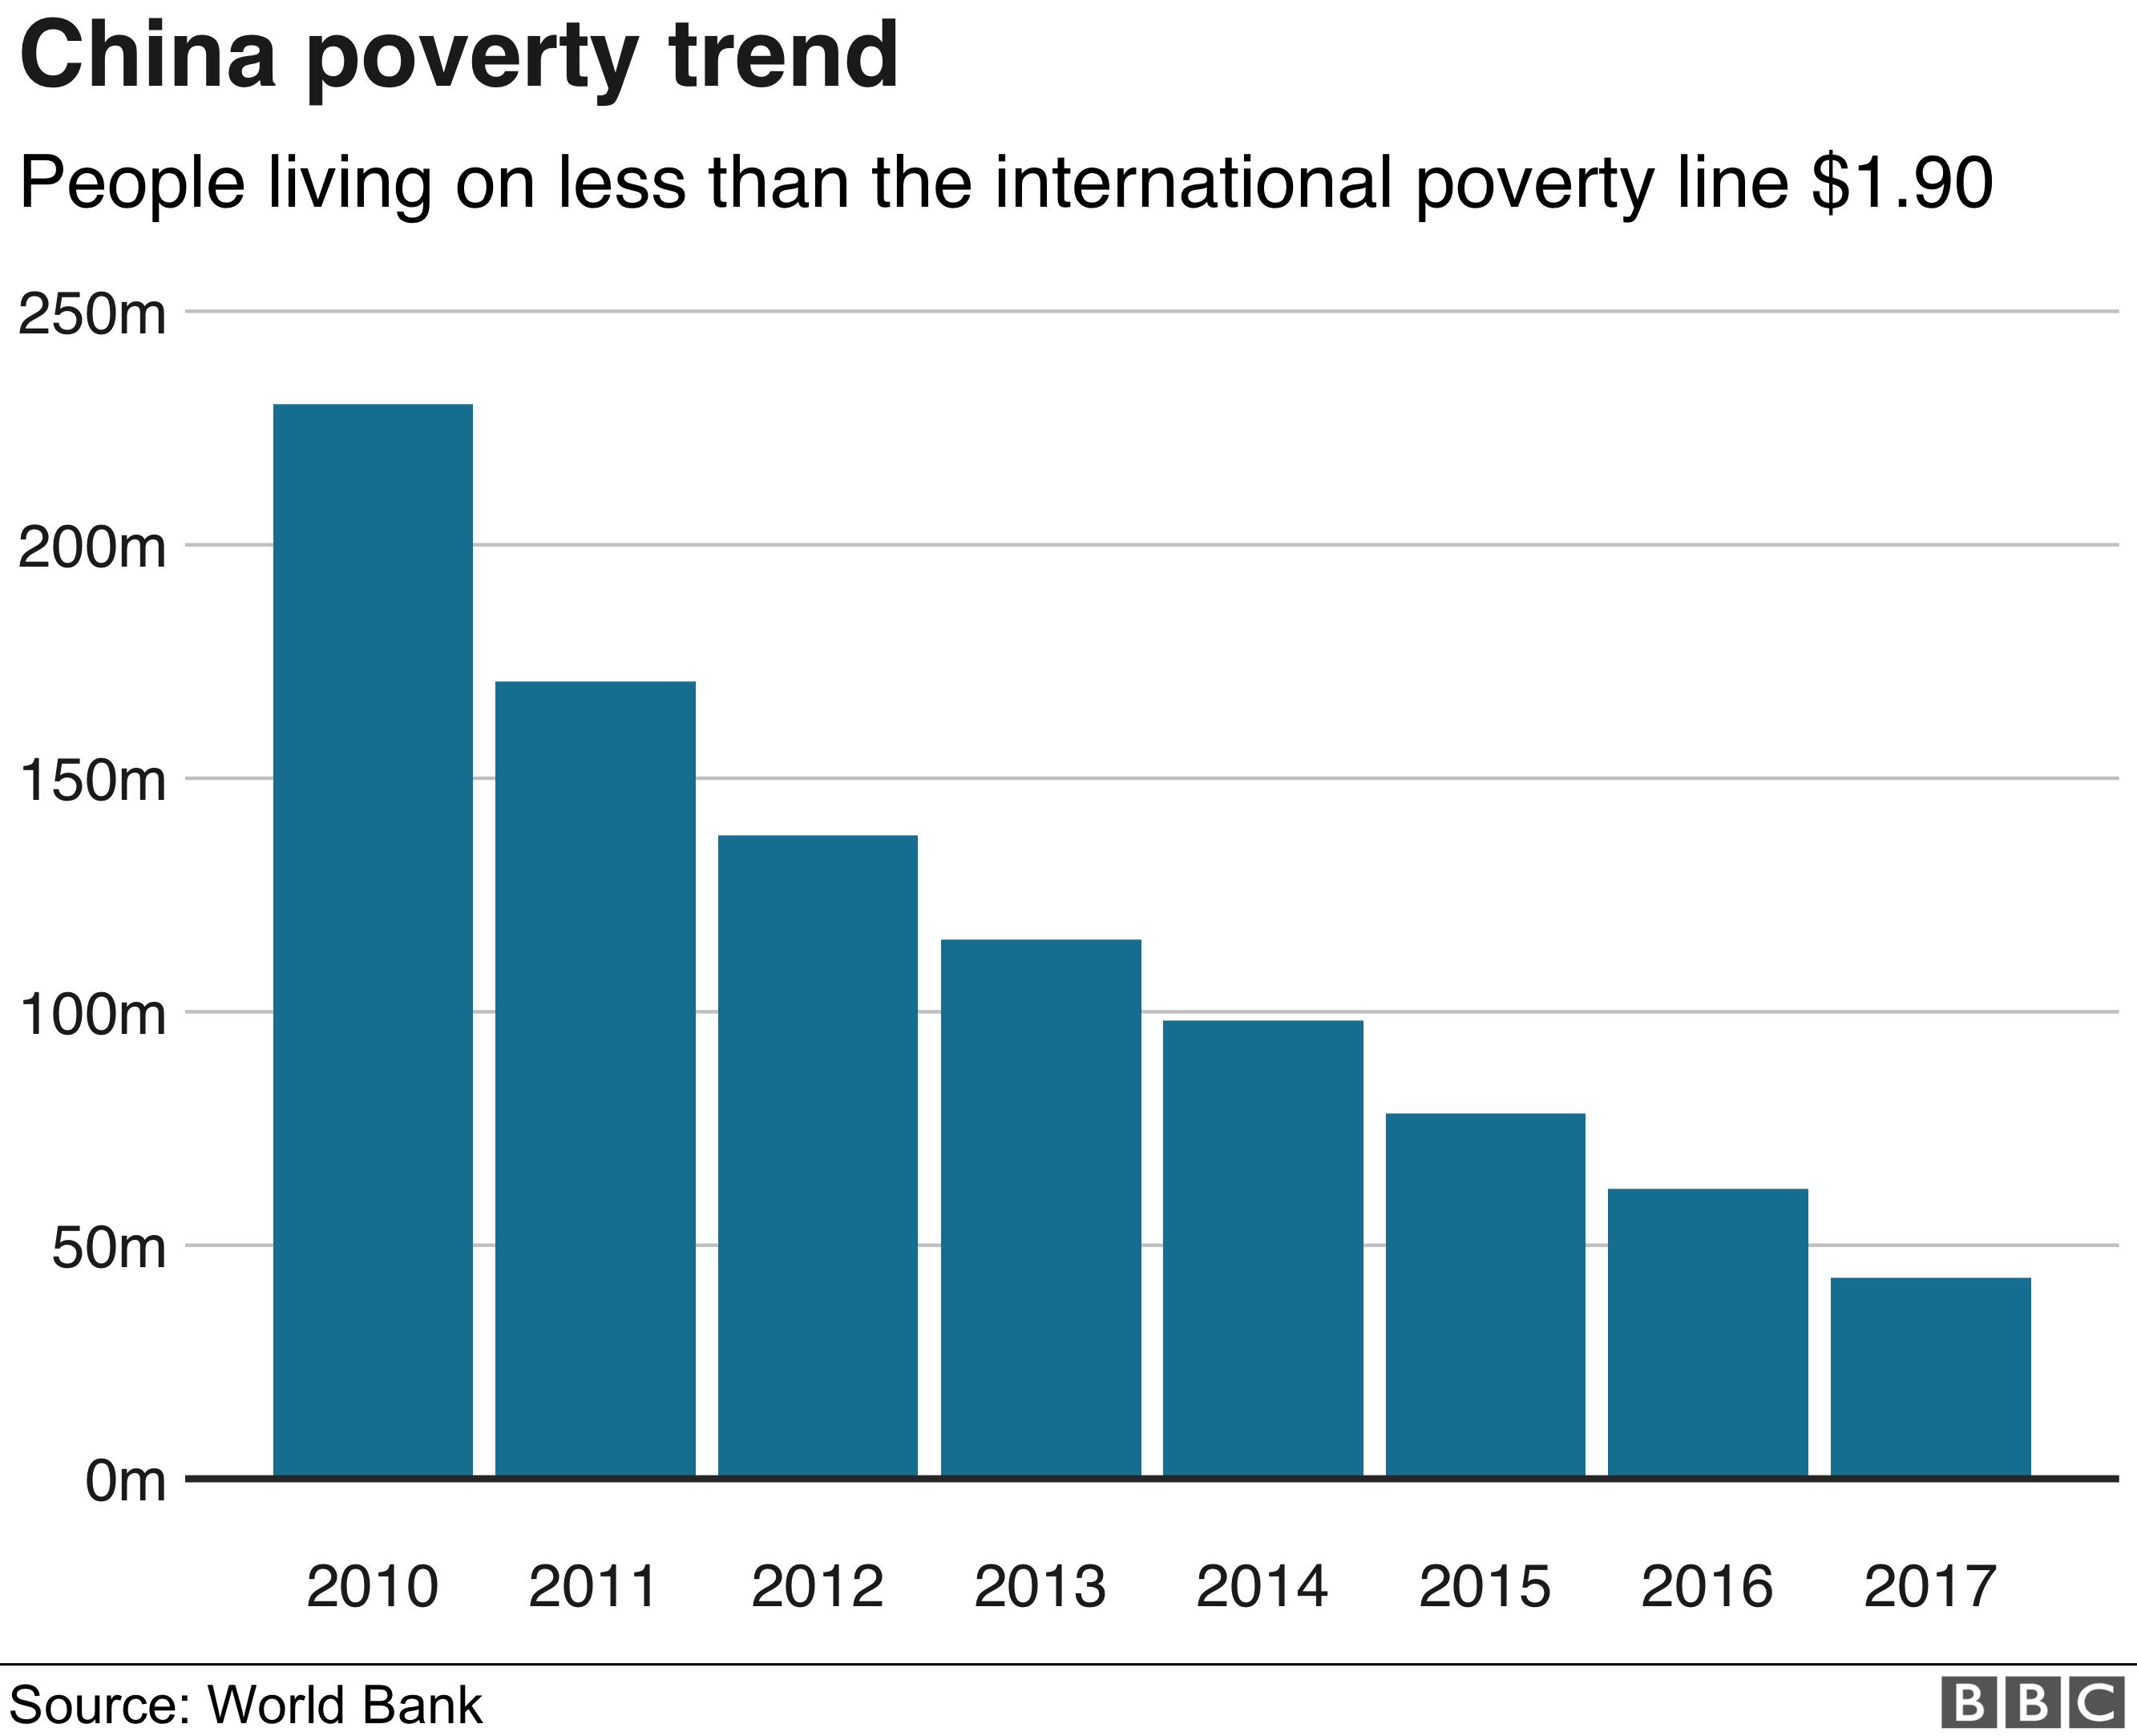 China poverty rates